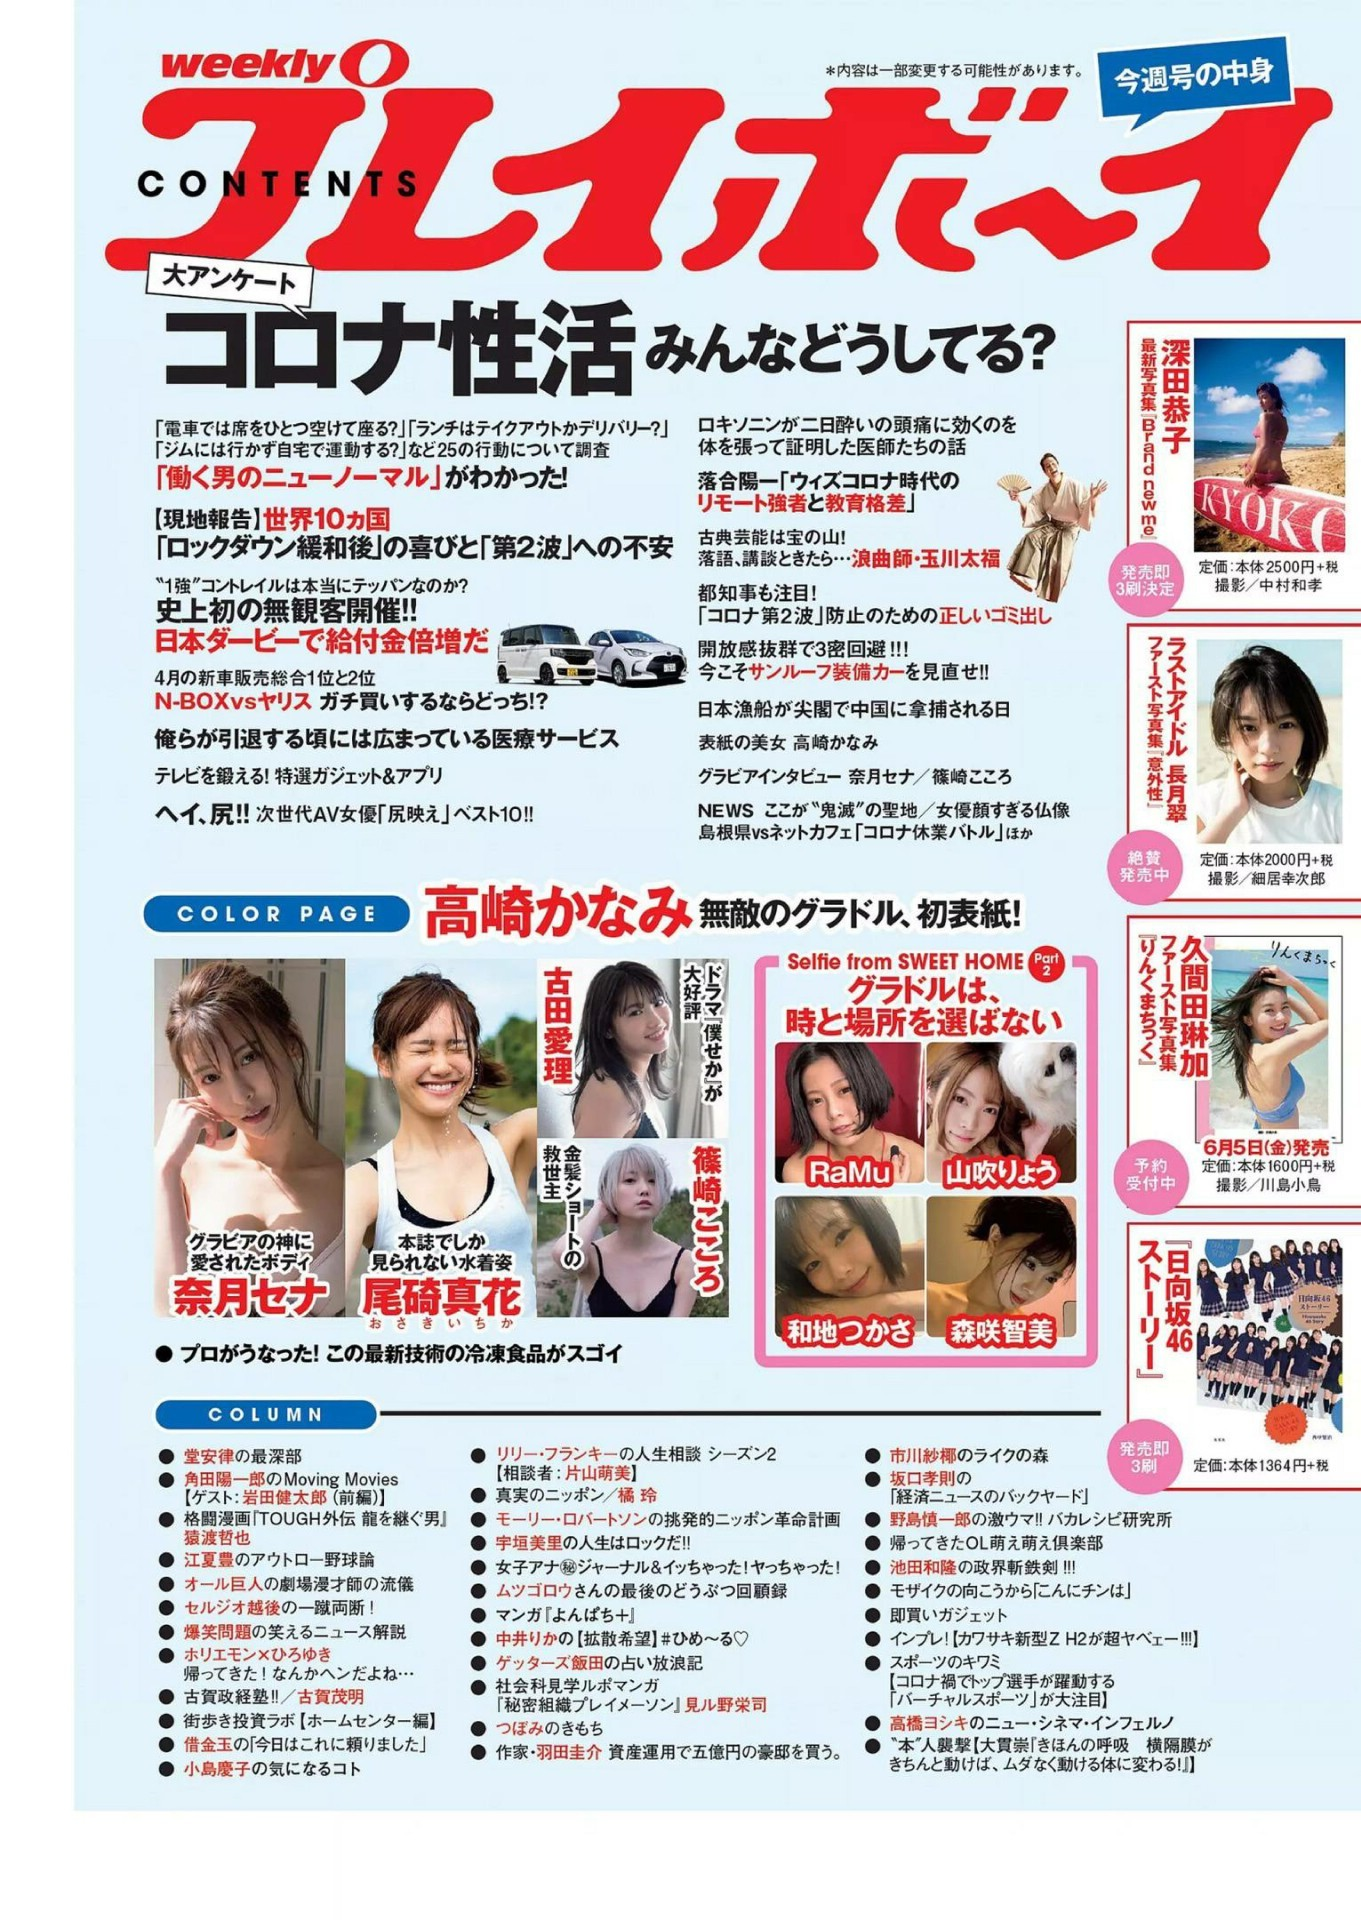 高崎加奈美 吉田爱理-Weekly Playboy-第32张图片- www.coserba.com整理发布